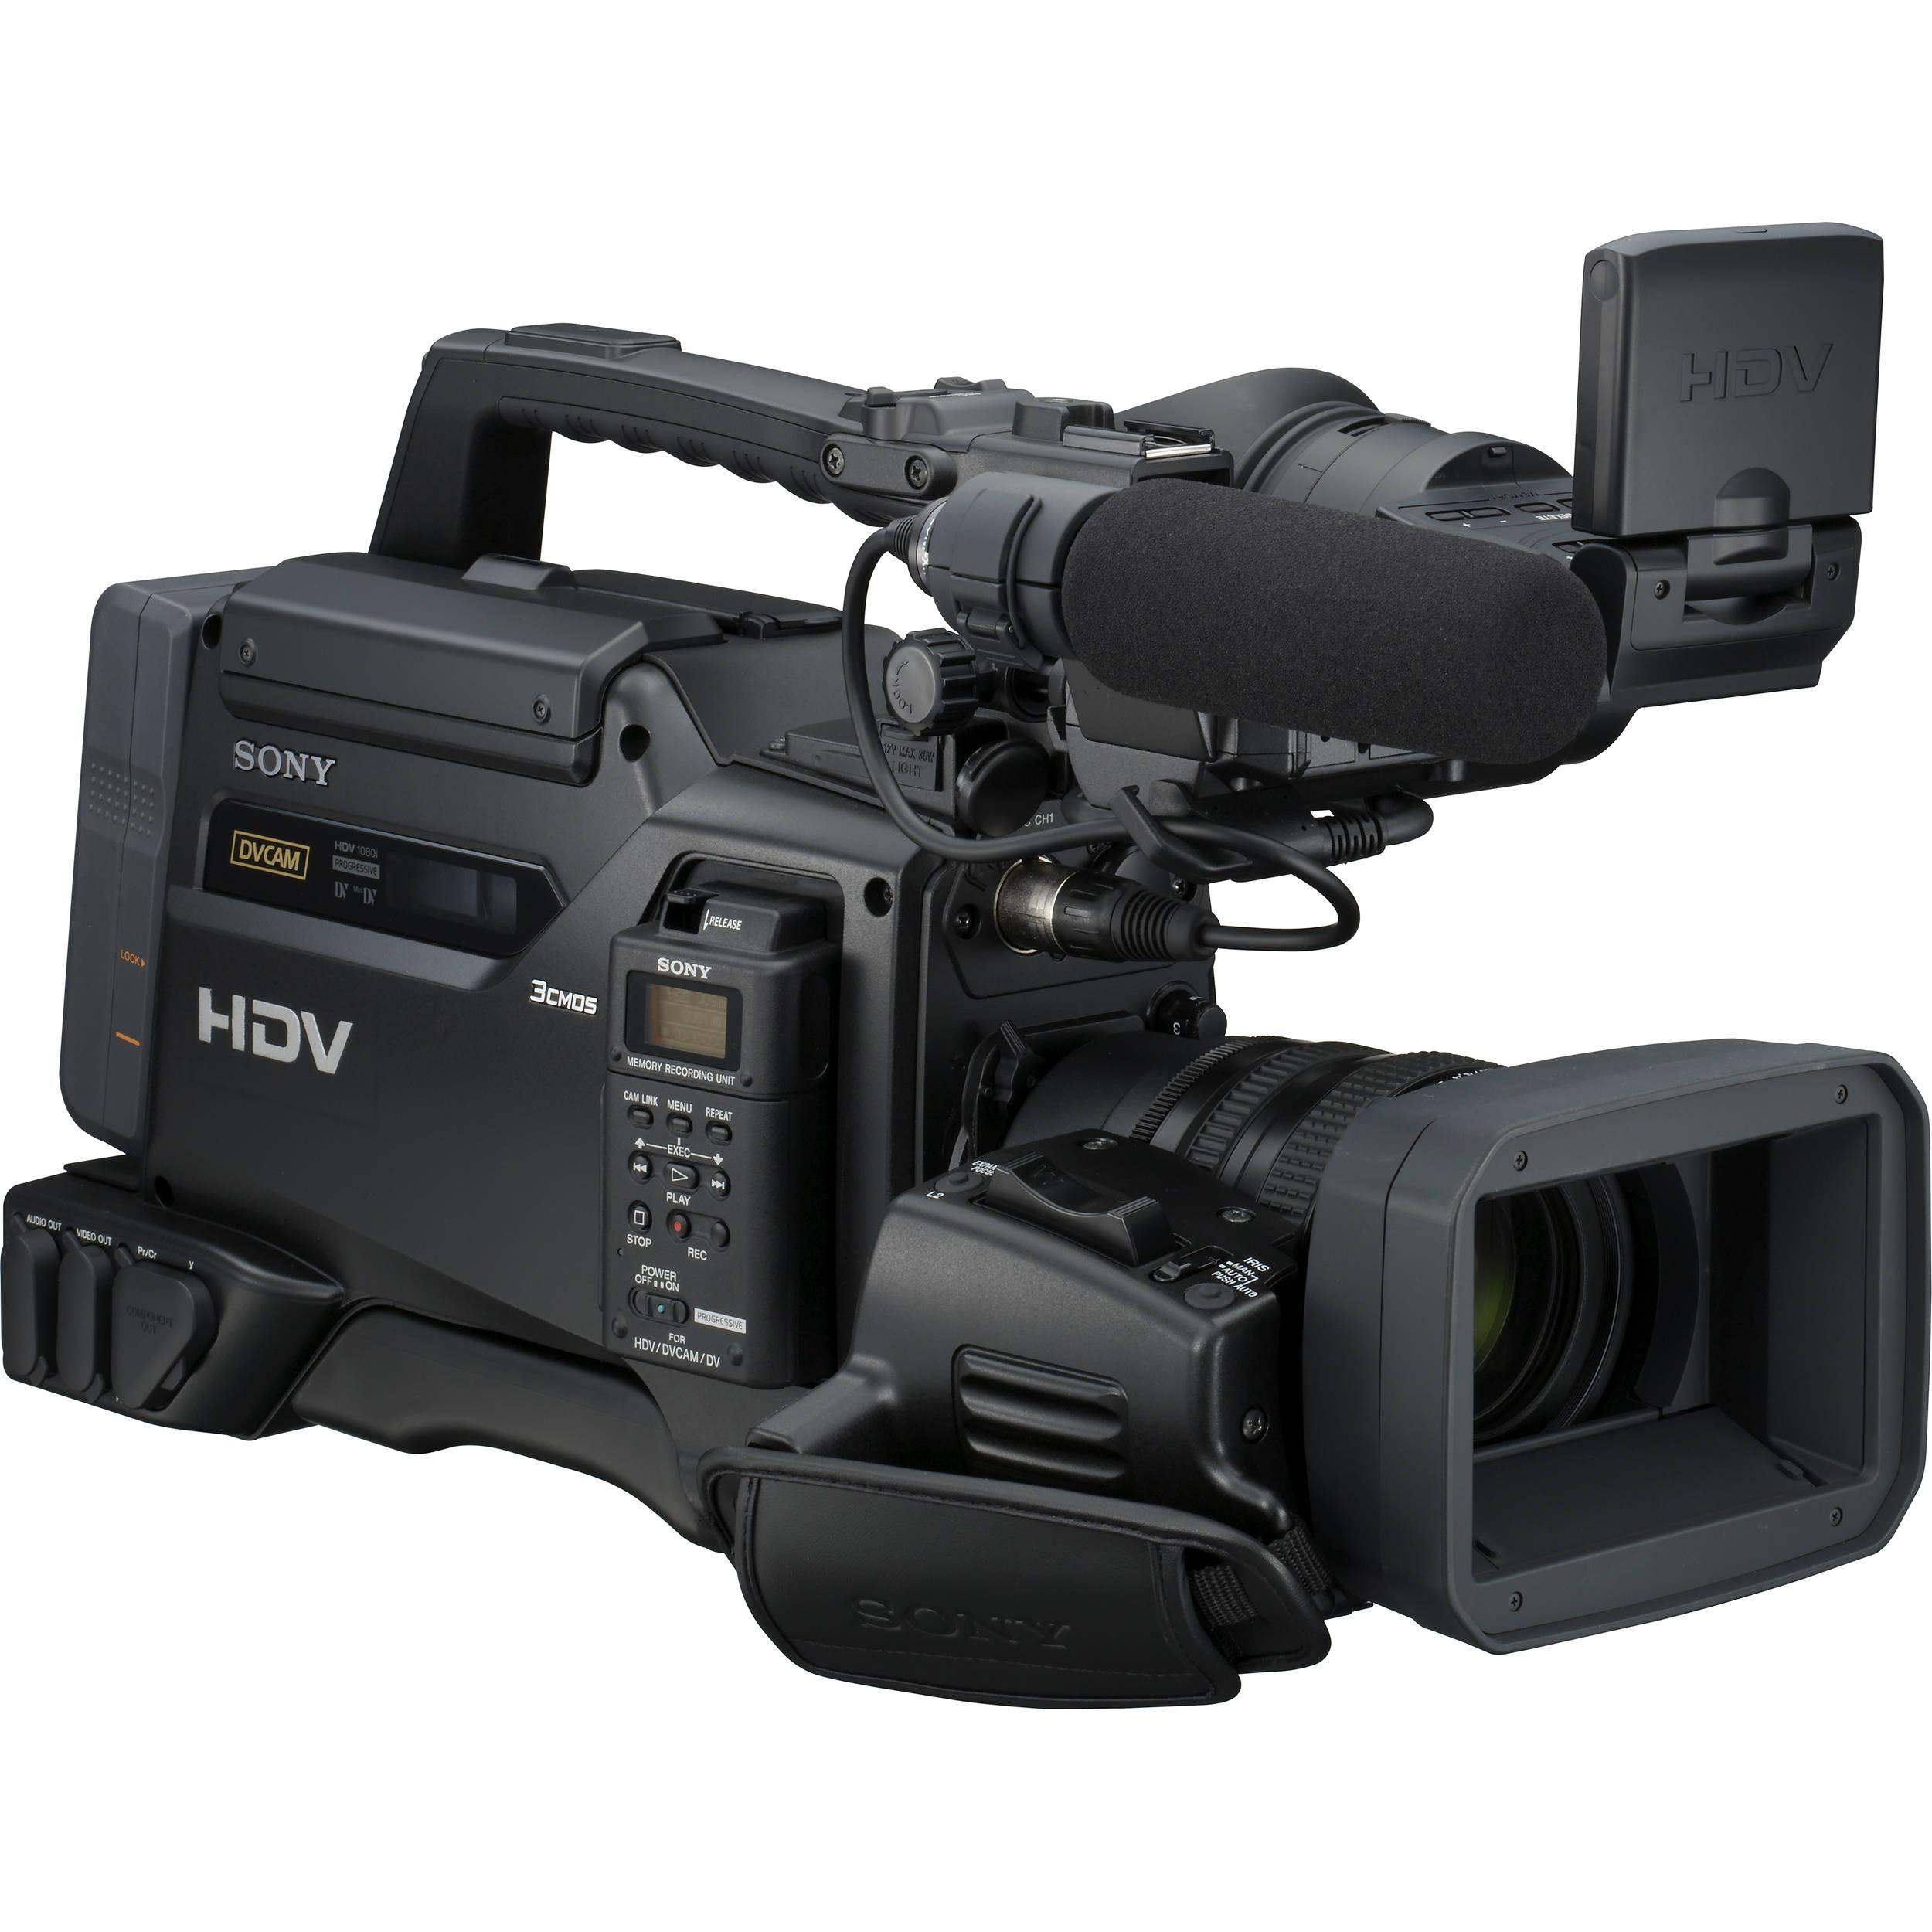 Sony HVR-S270U 1080i HDV Camcorder HVR ...